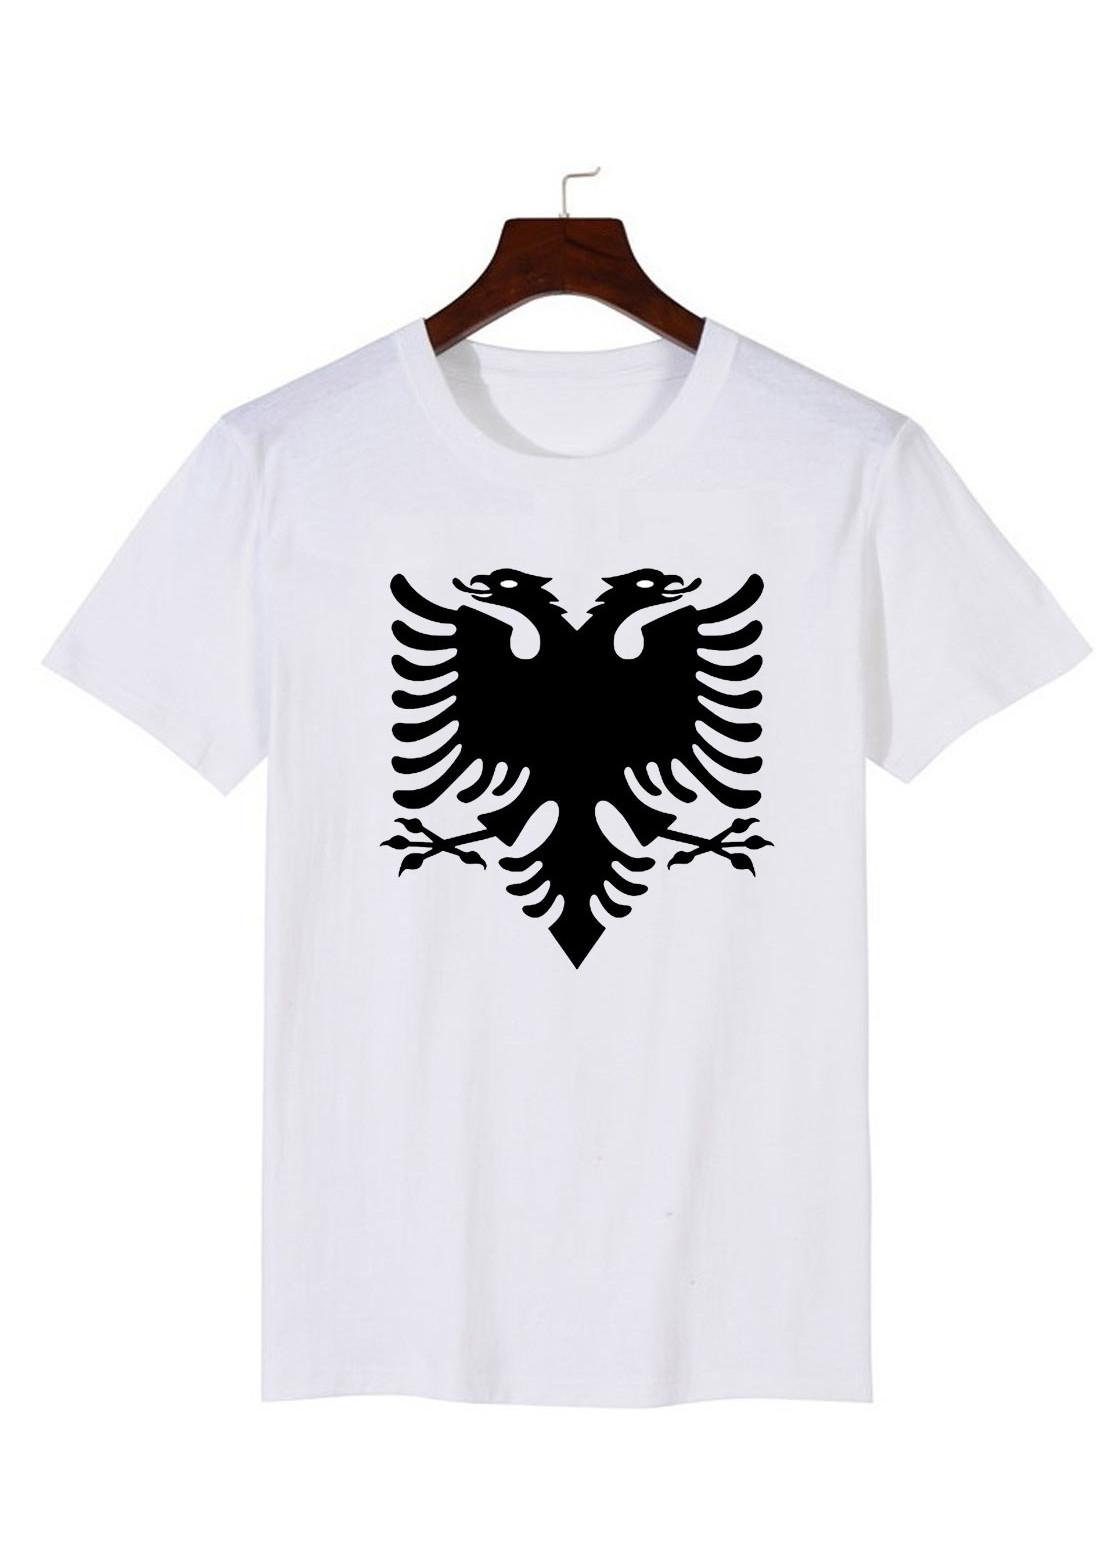 Áo thun đồng phục chủ đề cổ đại - 16566144 , 6758785218205 , 62_26341493 , 150000 , Ao-thun-dong-phuc-chu-de-co-dai-62_26341493 , tiki.vn , Áo thun đồng phục chủ đề cổ đại